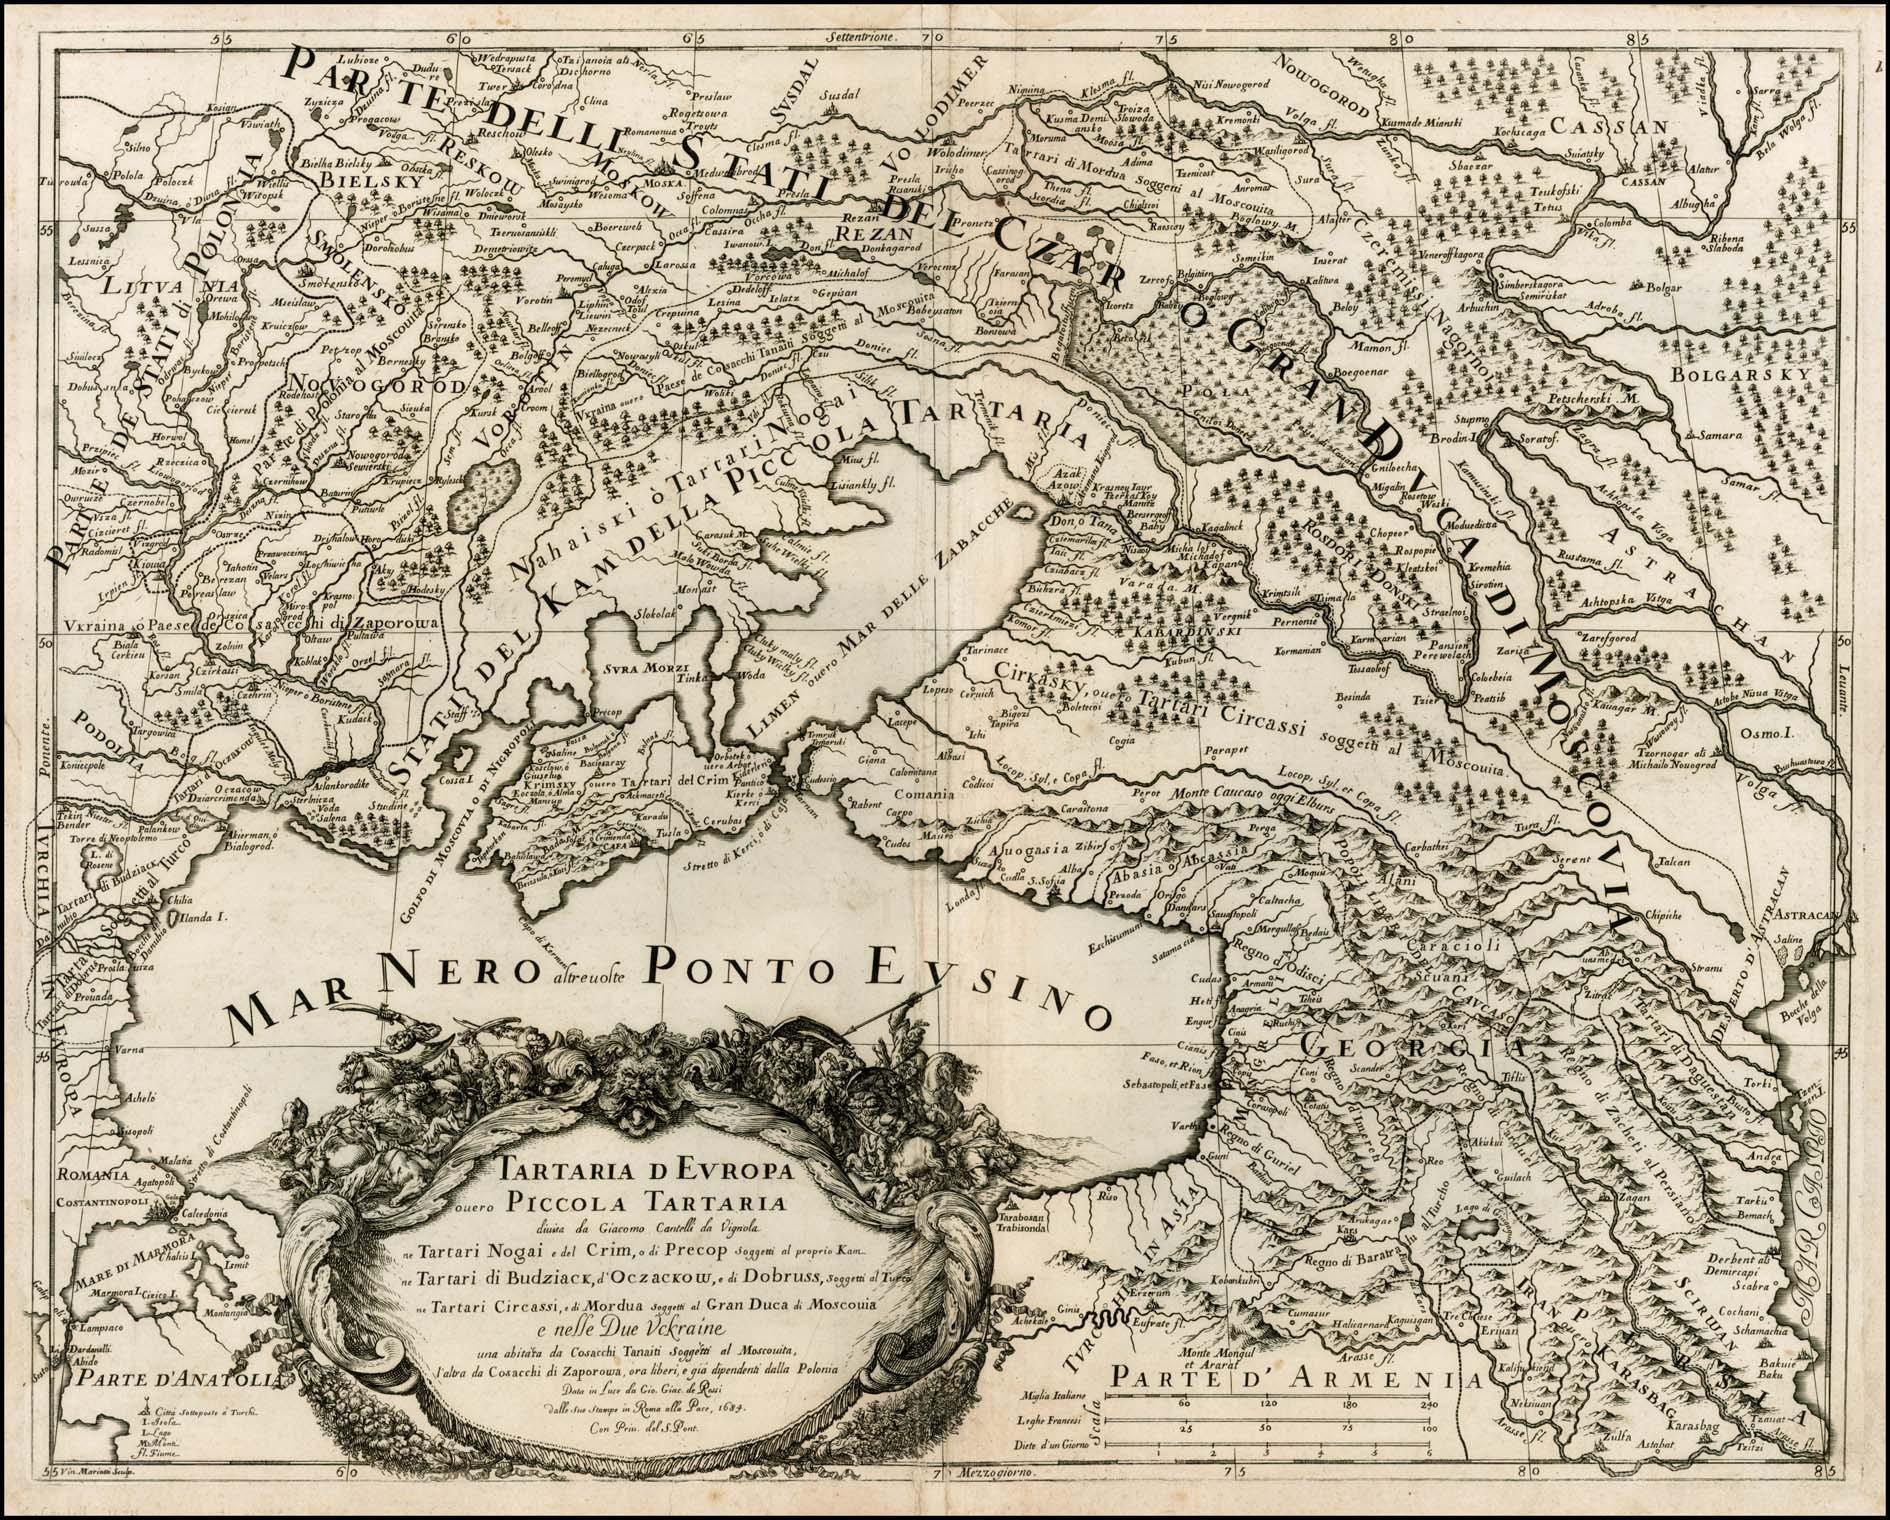 File:Південно-Східна Європа 1684.JPG